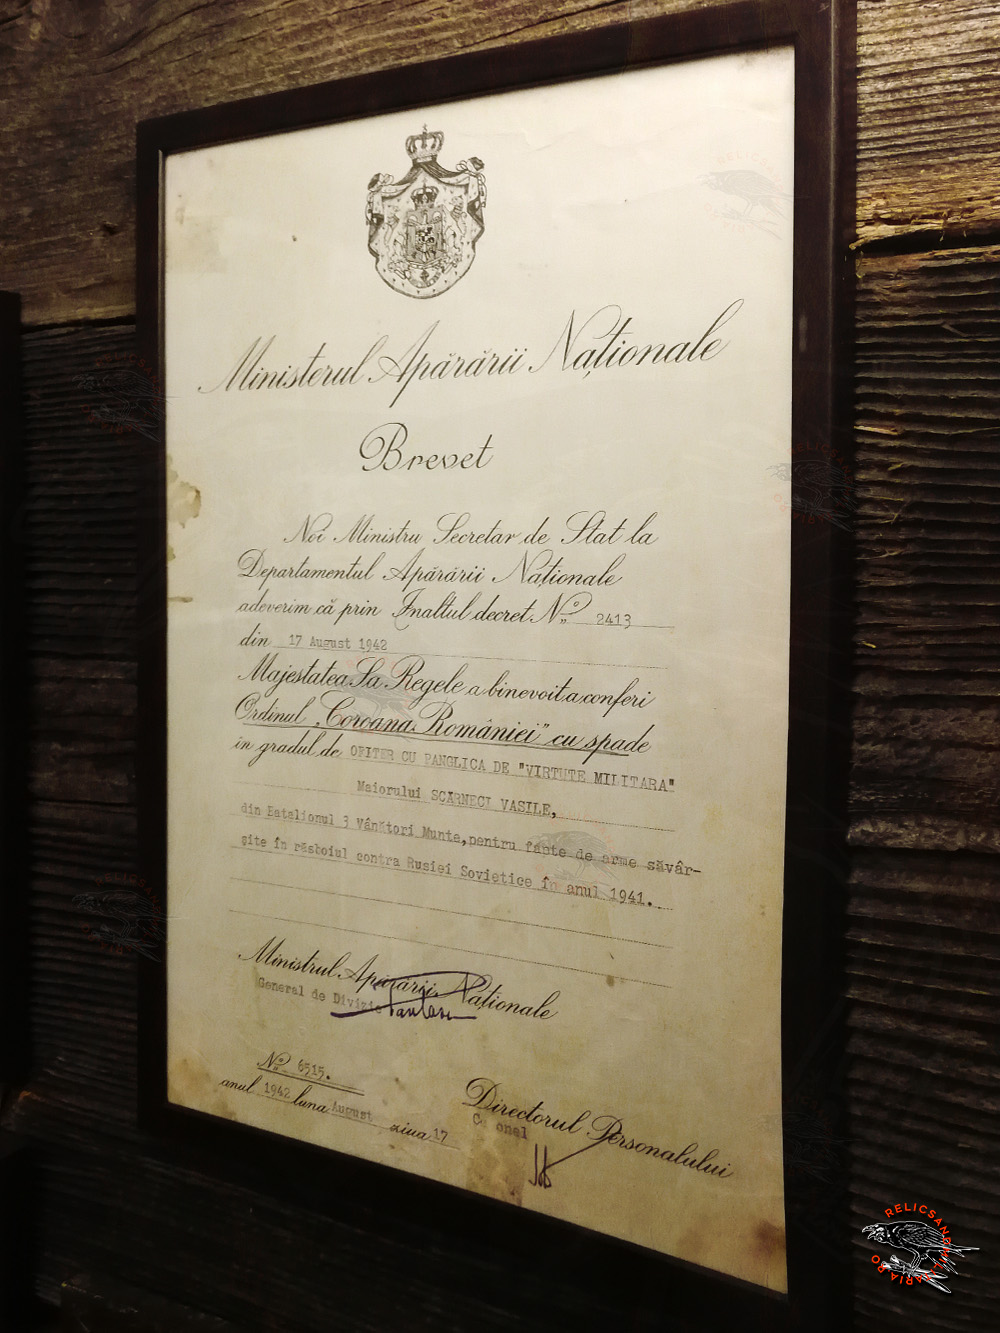 14 Brevet de acordare a Ordinului Coroana Romaniei cu spade pentru Scarneci Vasile